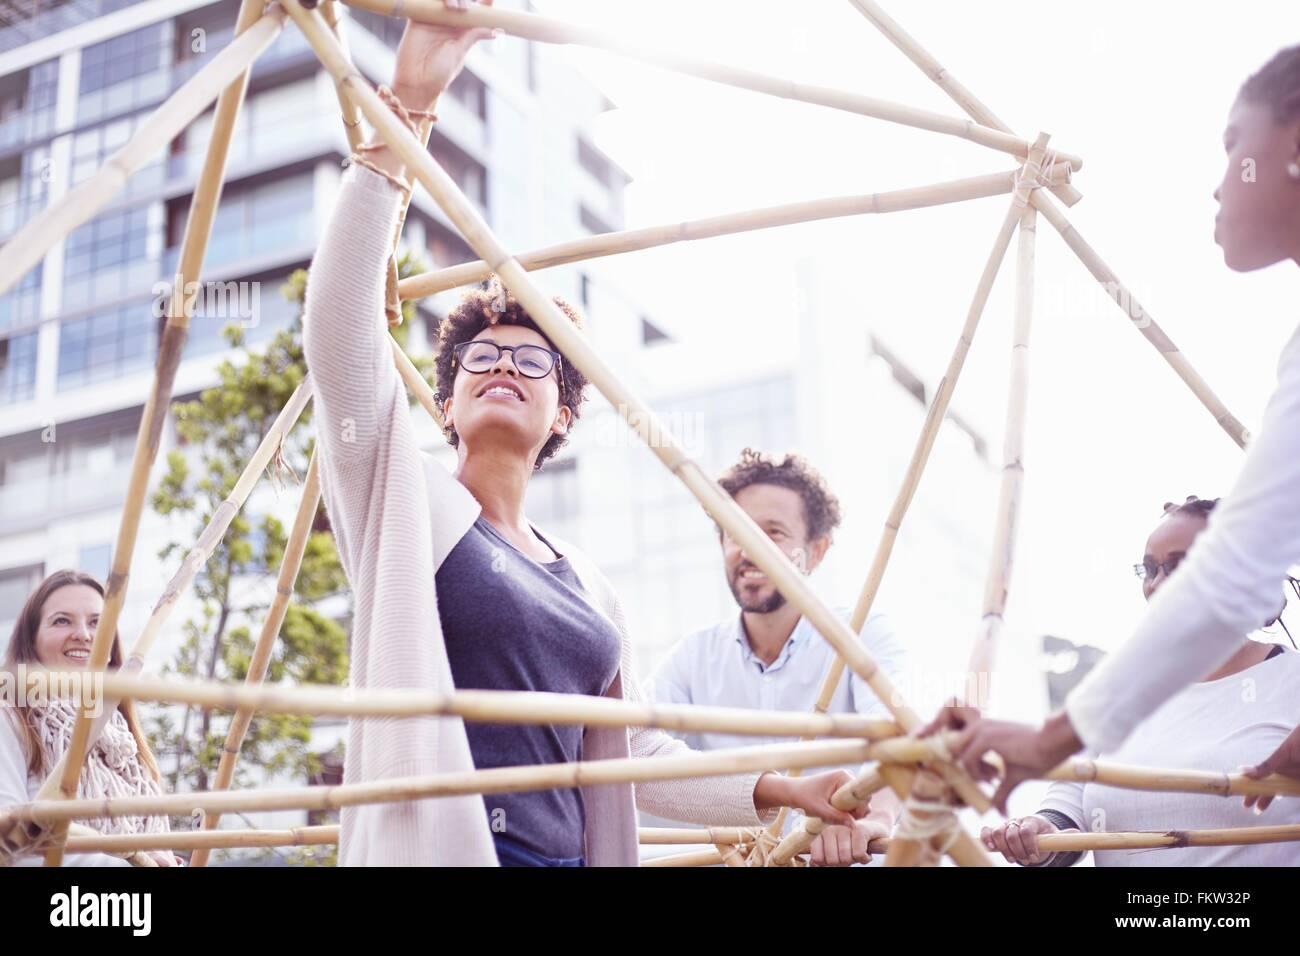 Ángulo de visión baja colegas de team building edificio tareas estructura de madera Imagen De Stock